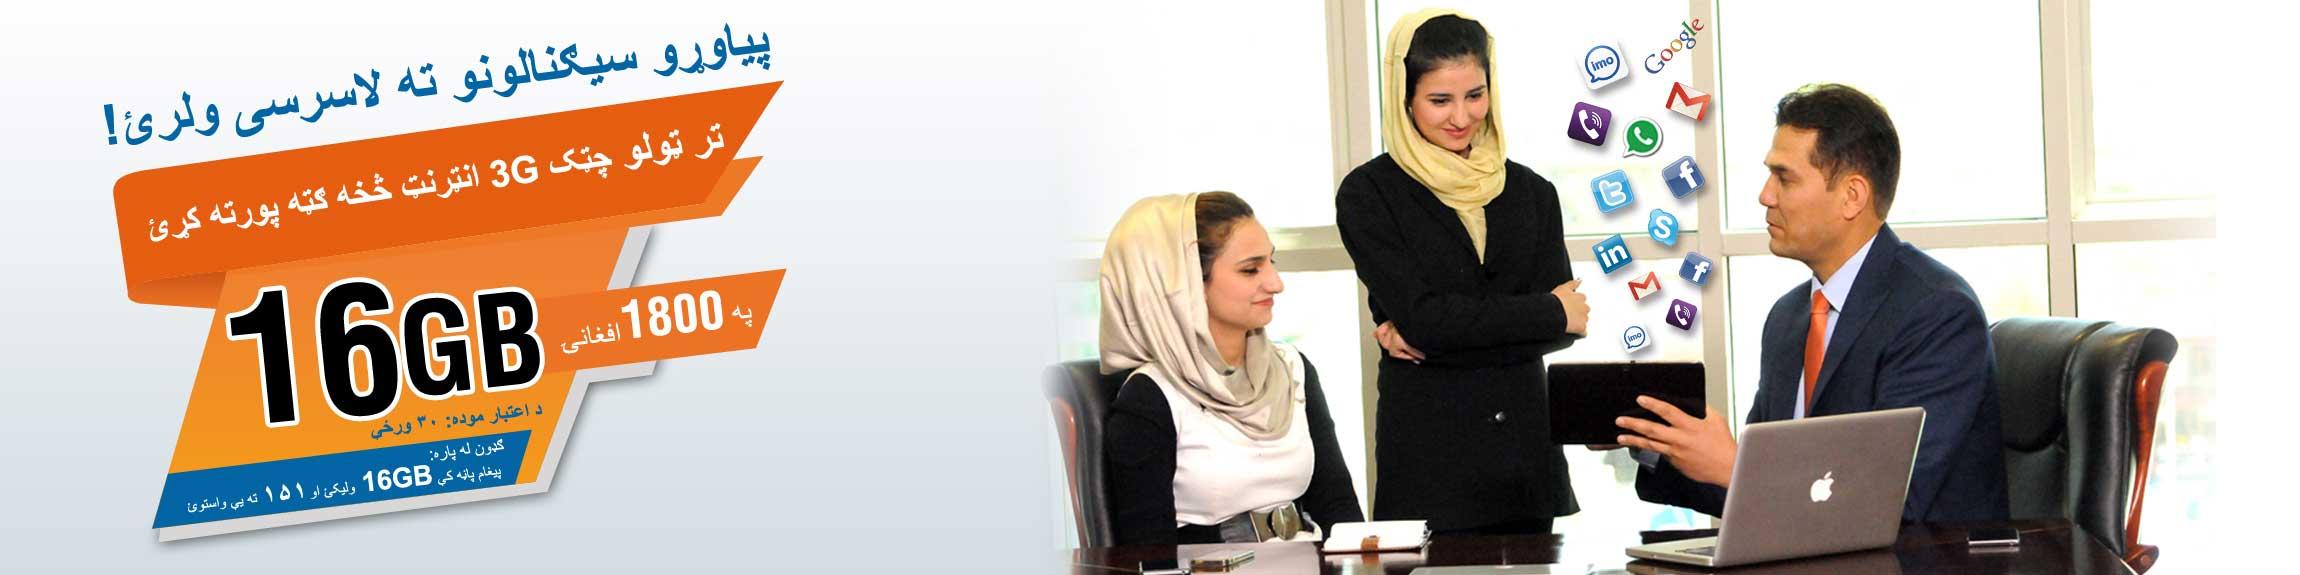 16-Gb-for-website-Pashto